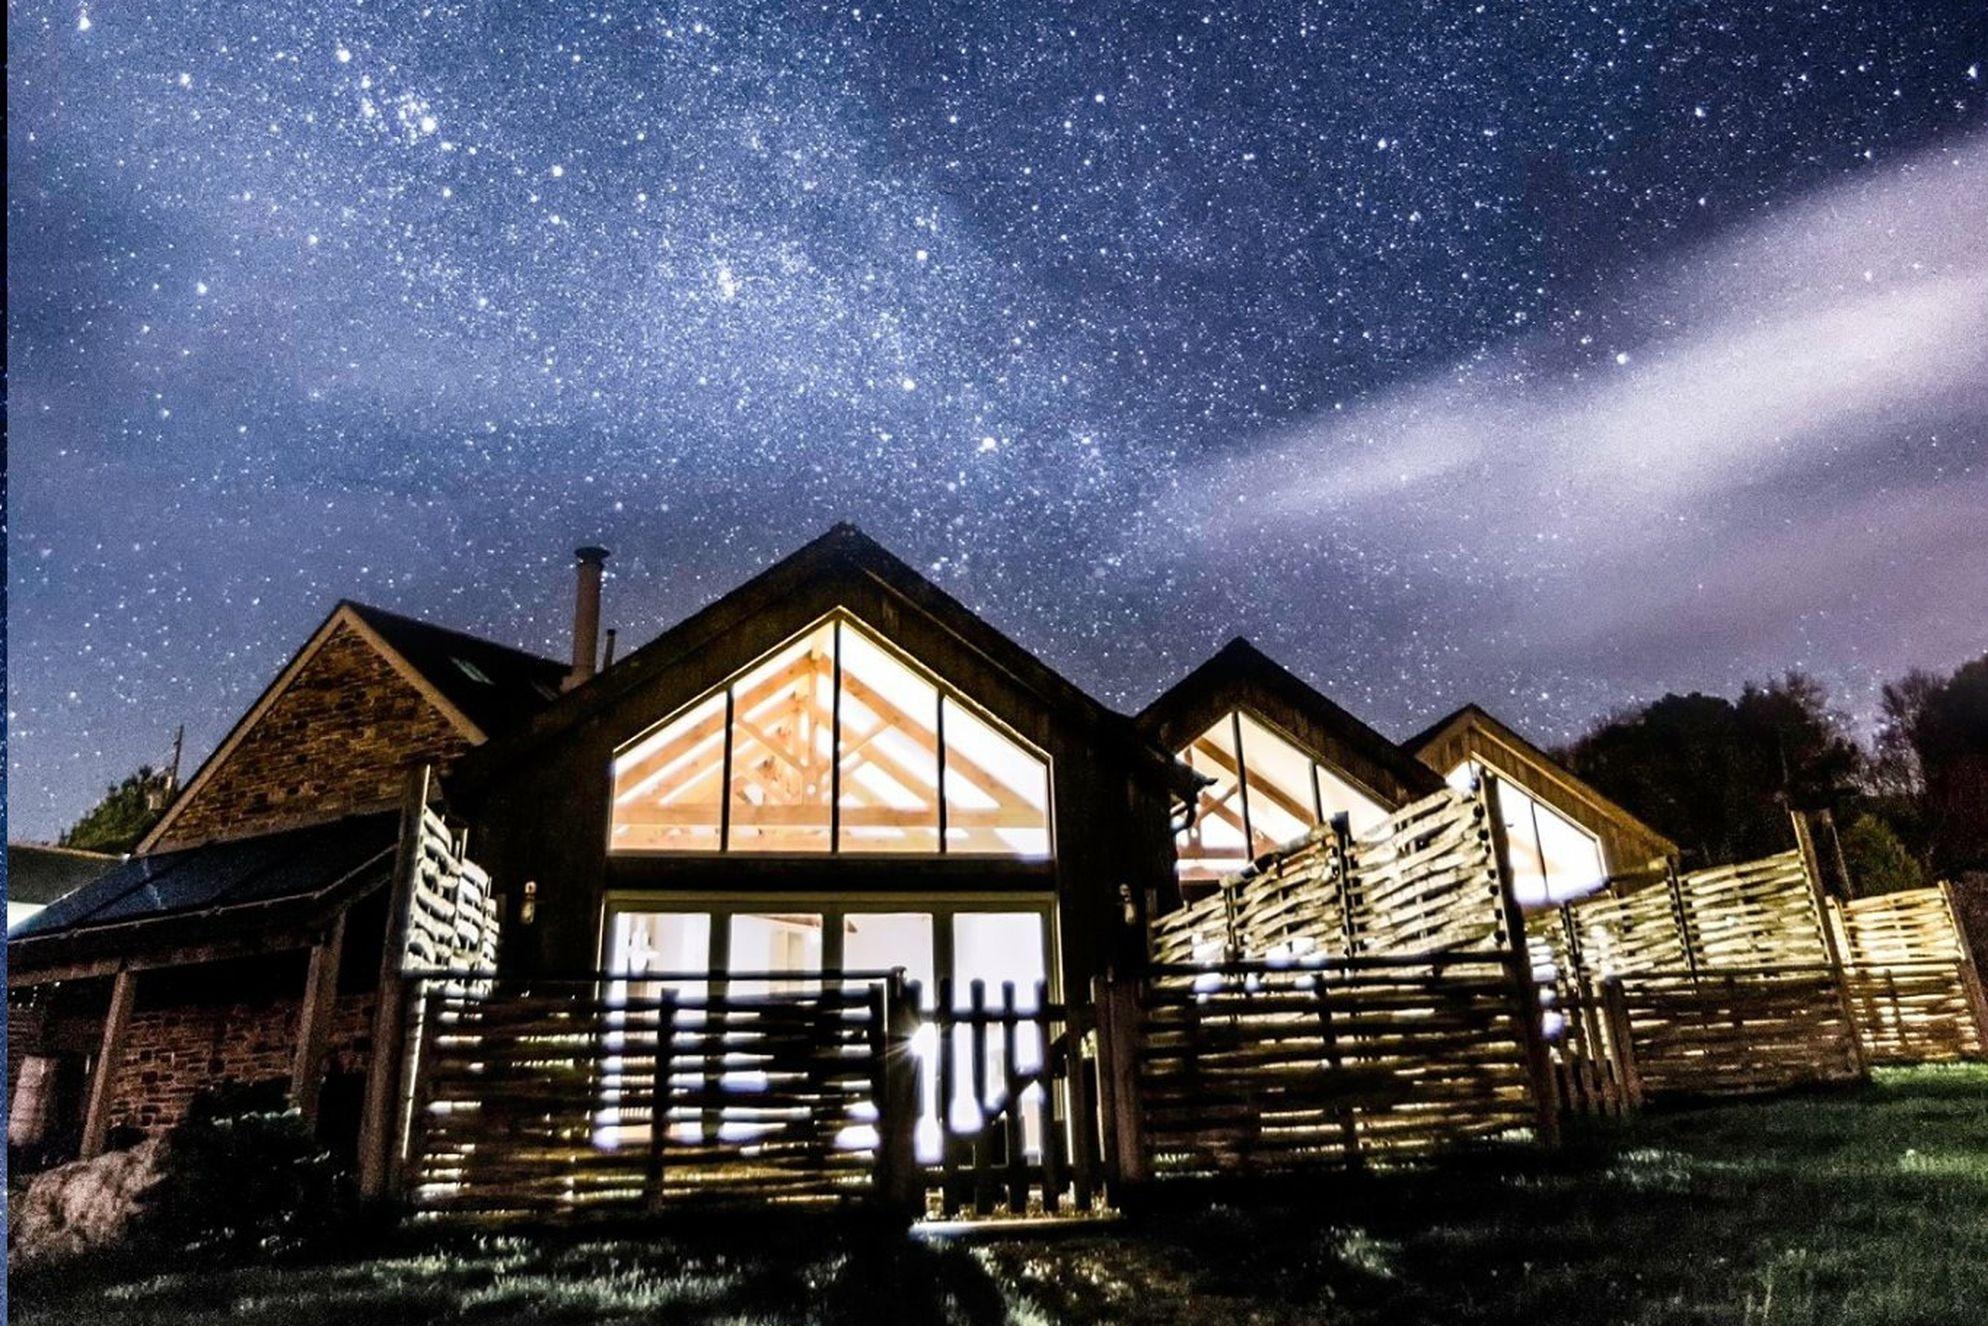 Merlin Farm Cornwall sitting under a breathtaking starry night sky